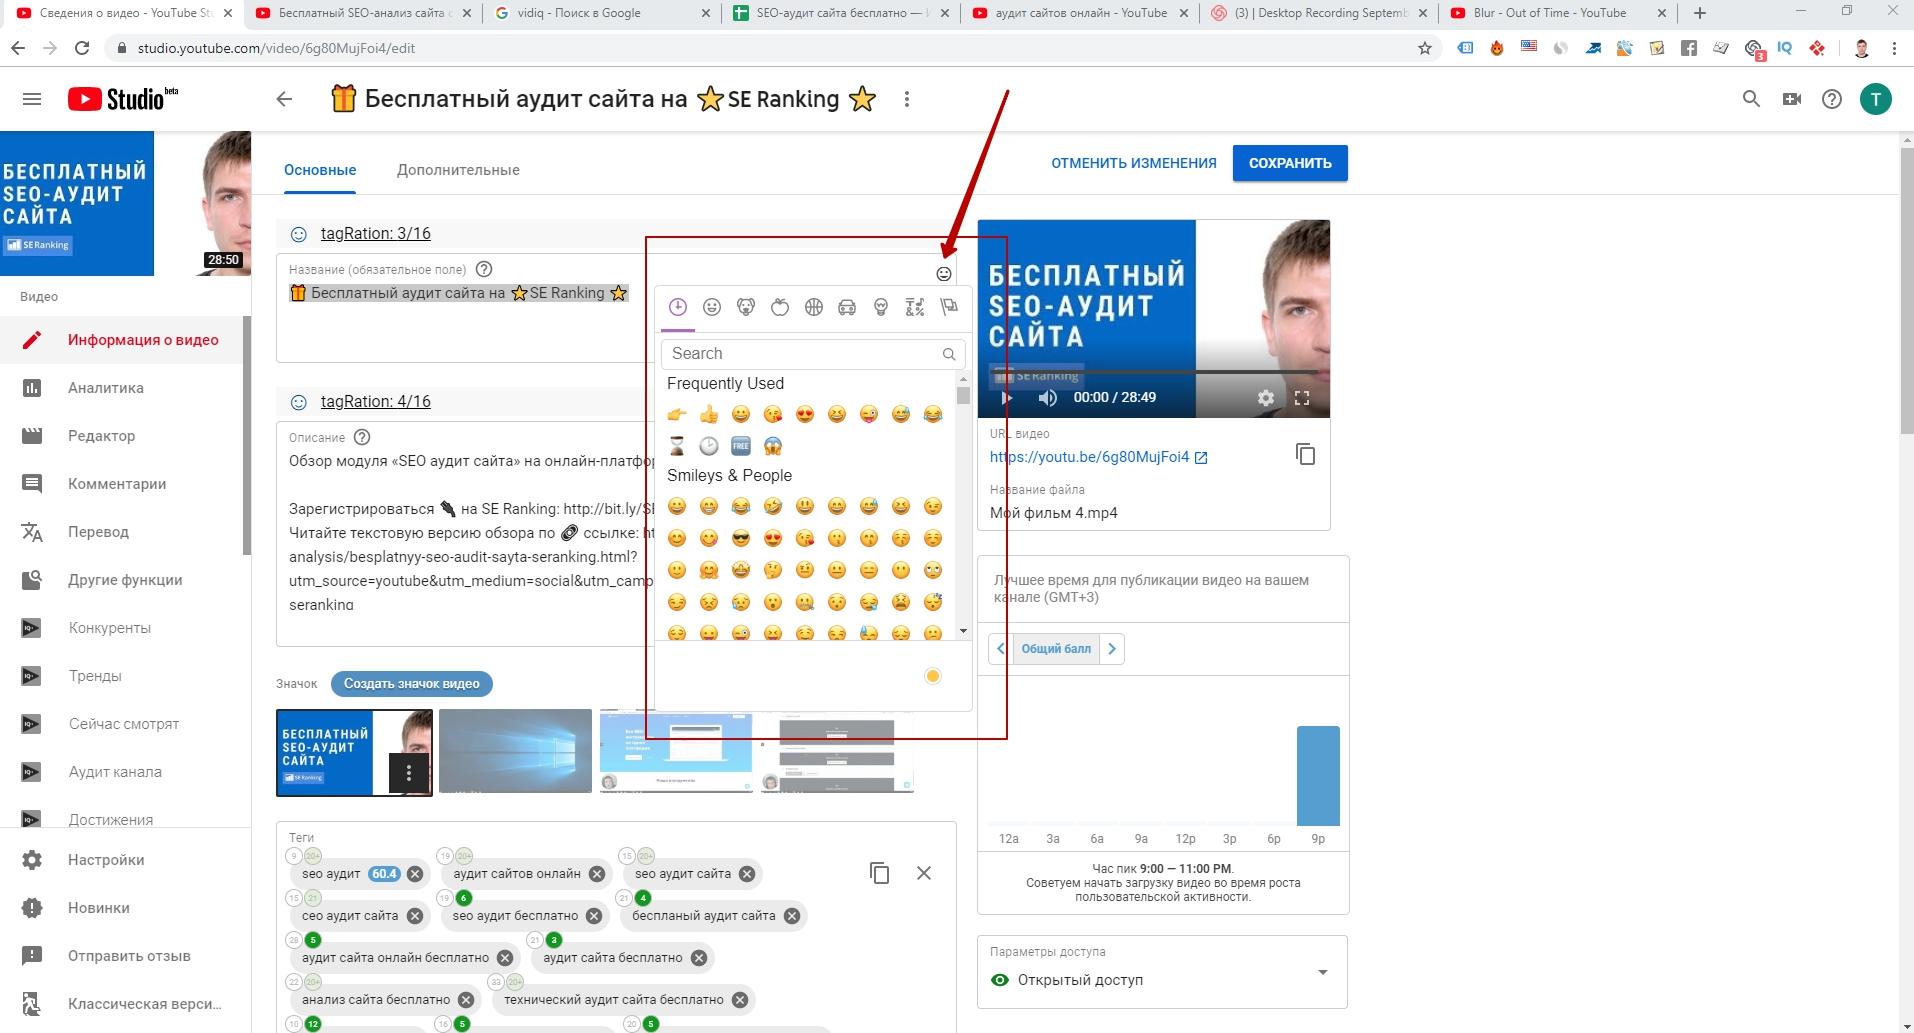 Правило оптимизации видео — используйте эмодзи в заголовке